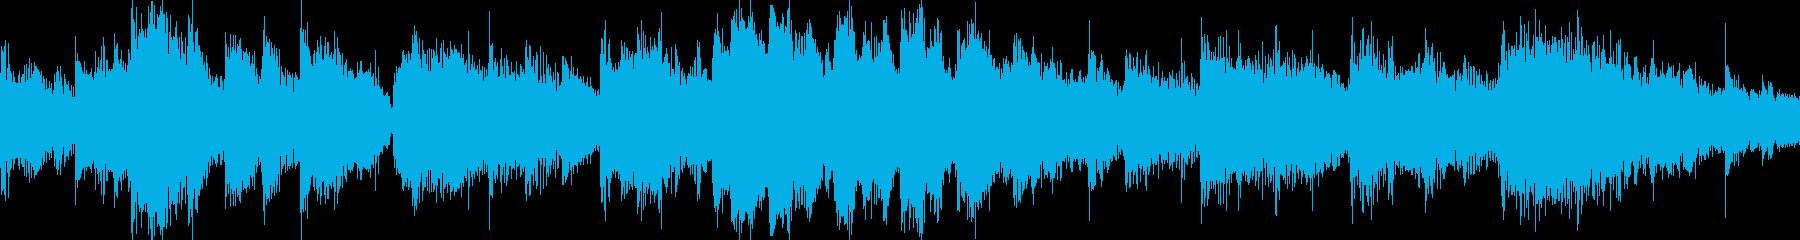 エレクトリックピアノソロとバンドサウンドの再生済みの波形